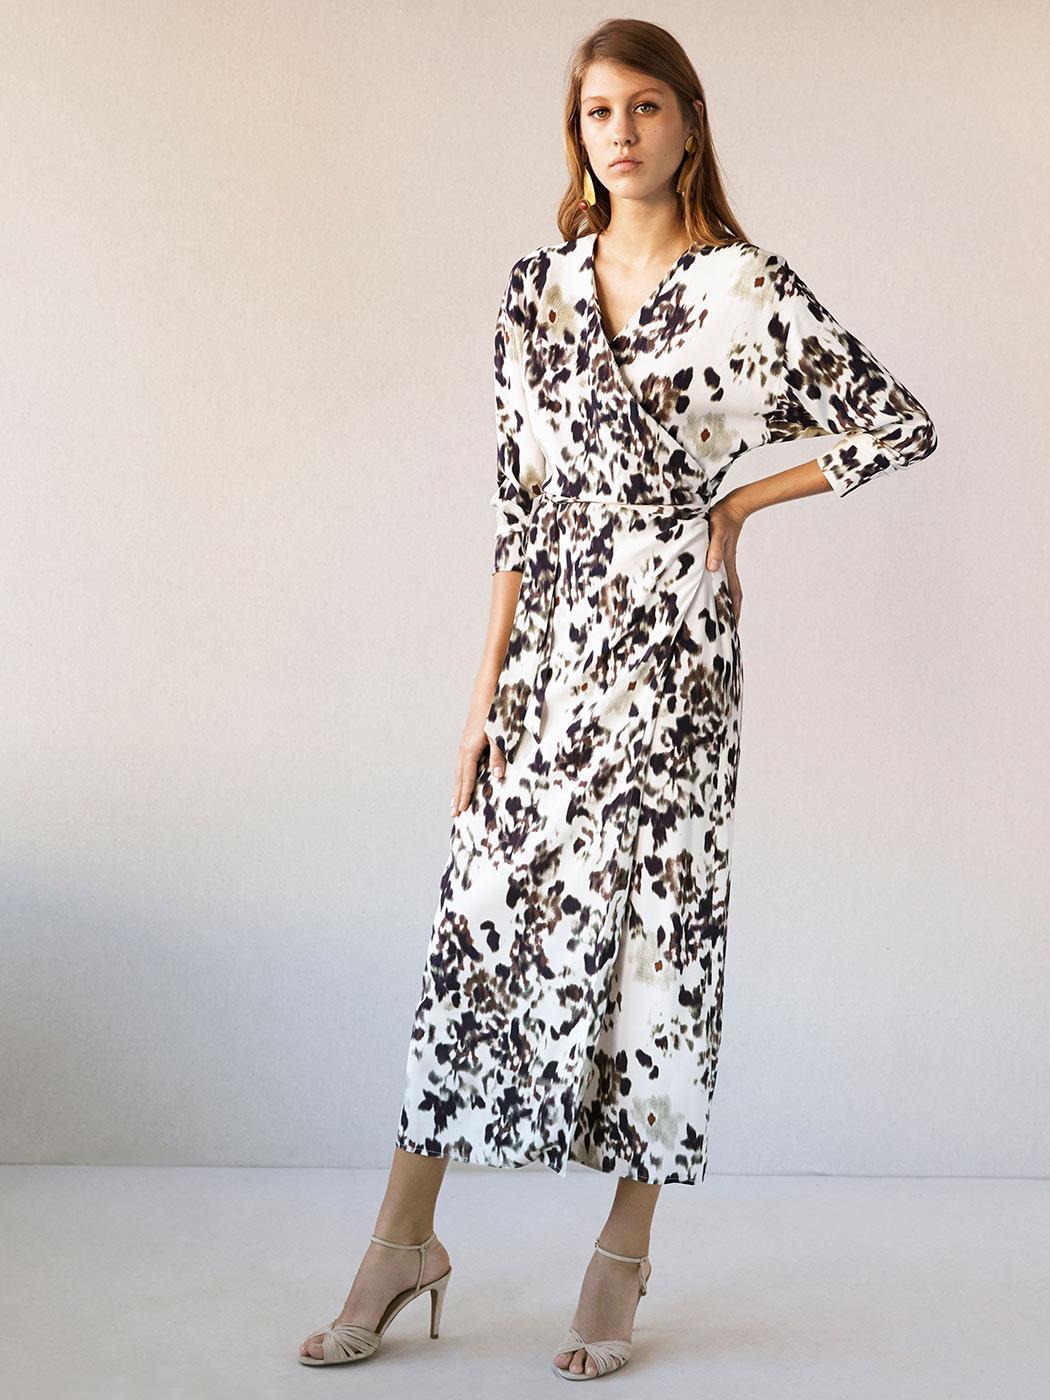 6657328c9ab4f ... H&M Des robes portefeuille pour femme enceinte (ou non) - Intropia ...